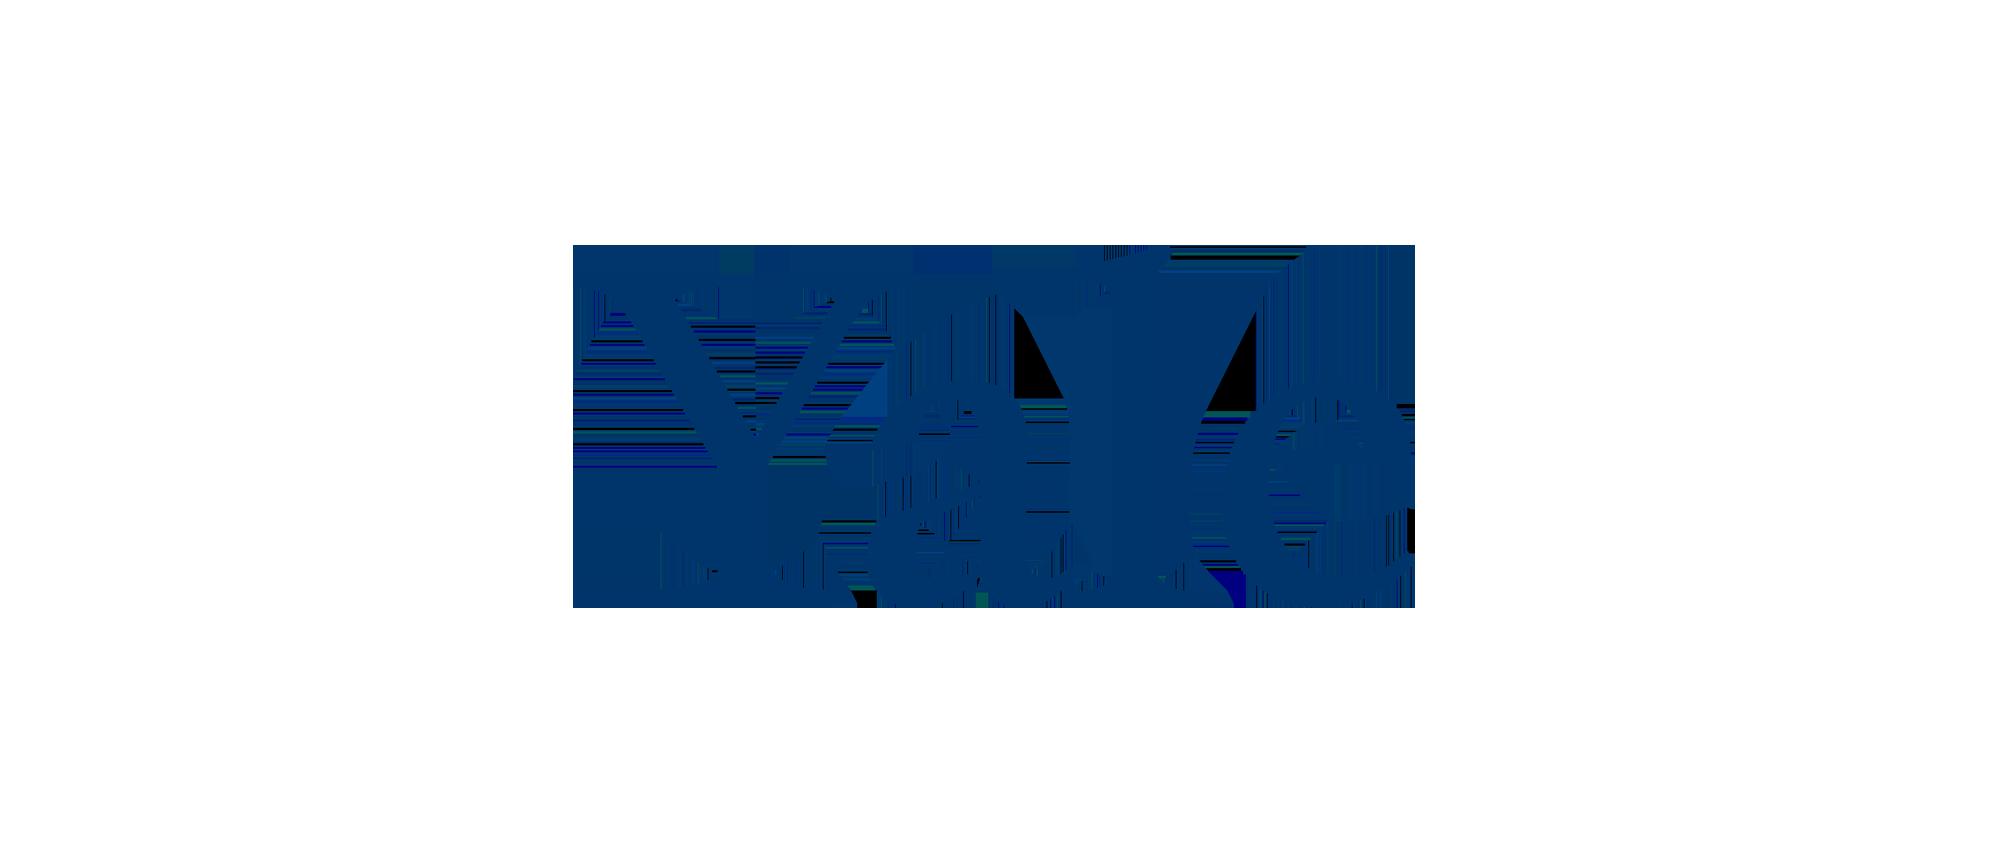 Yale_Lakhani_Coaching_Acceptance_List.png